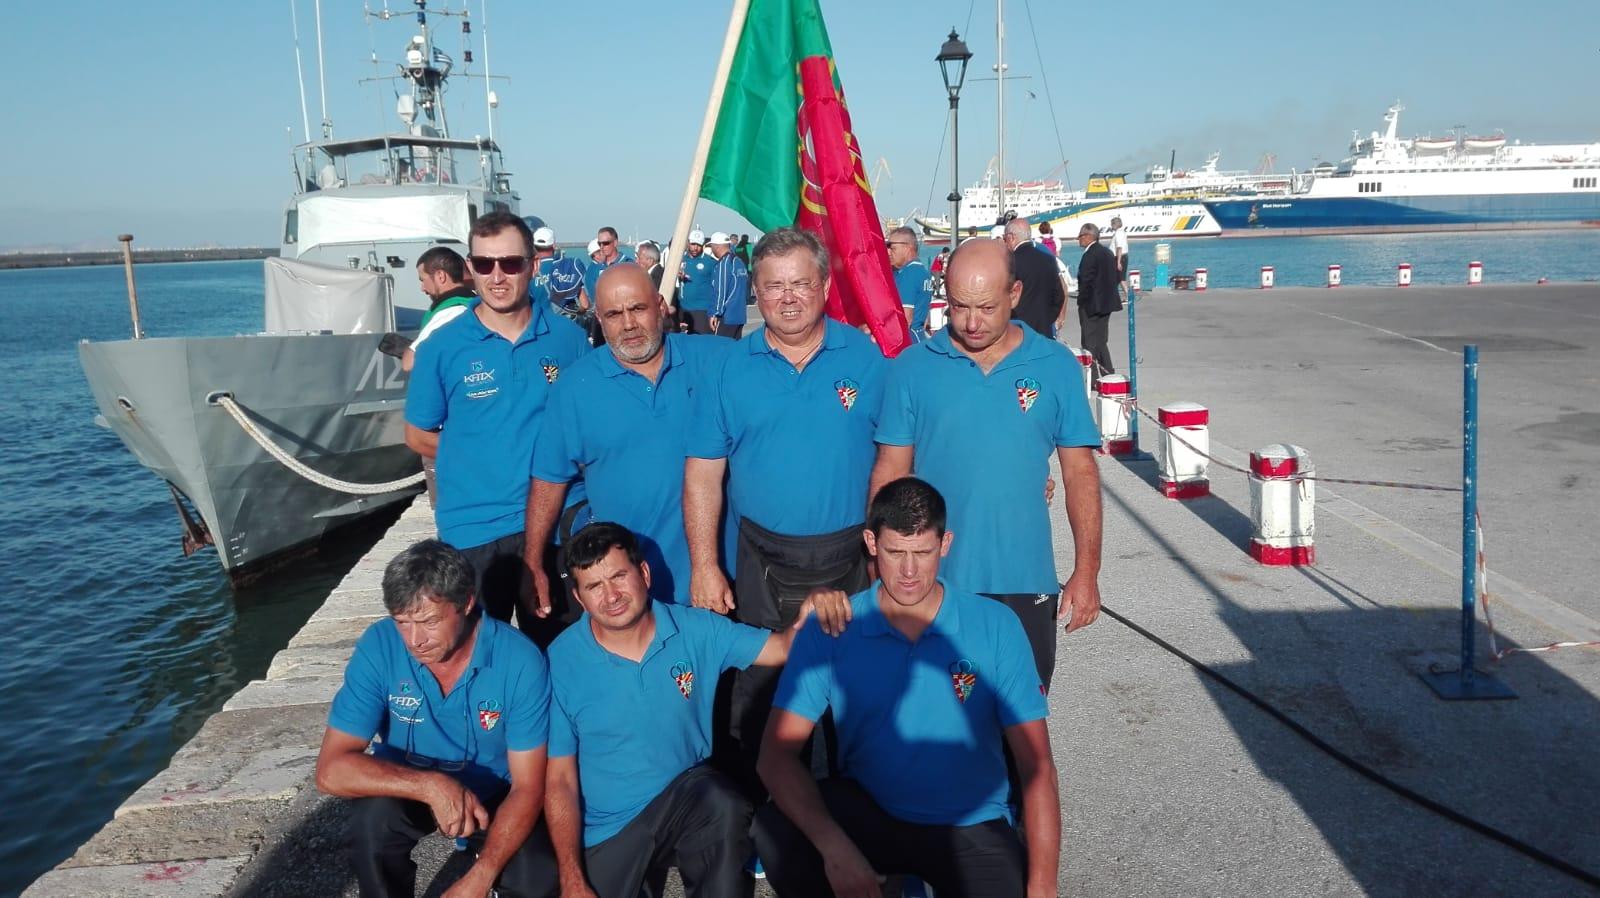 Classificação Final do Campeonato Europeu de Pesca à Bóia-Mar